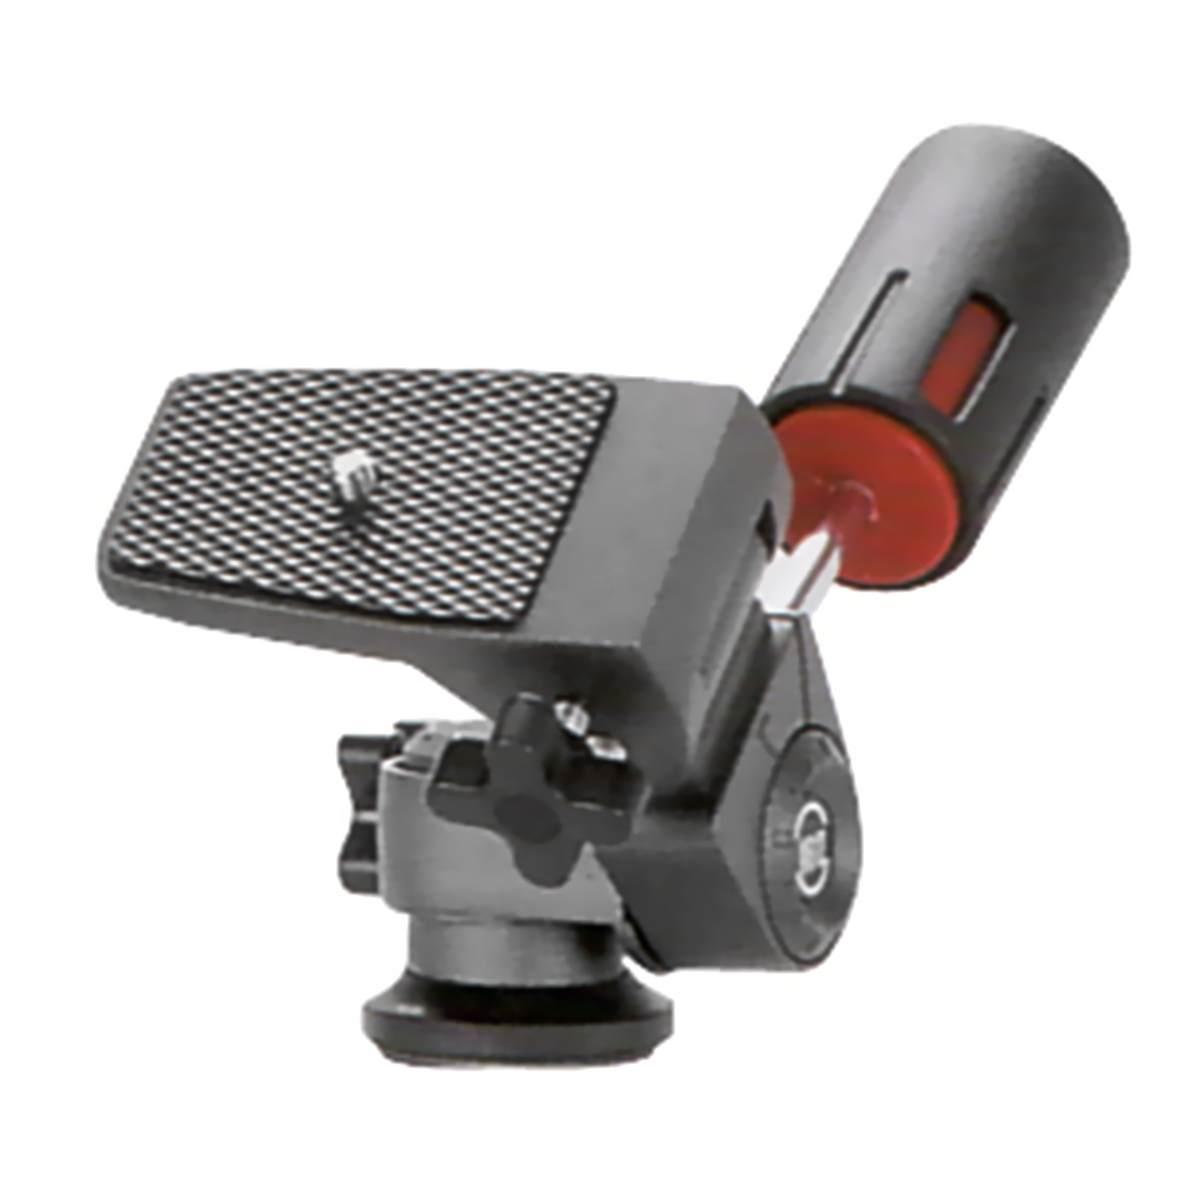 Walimex FT 008H Semi-Pro 3D-Panhead